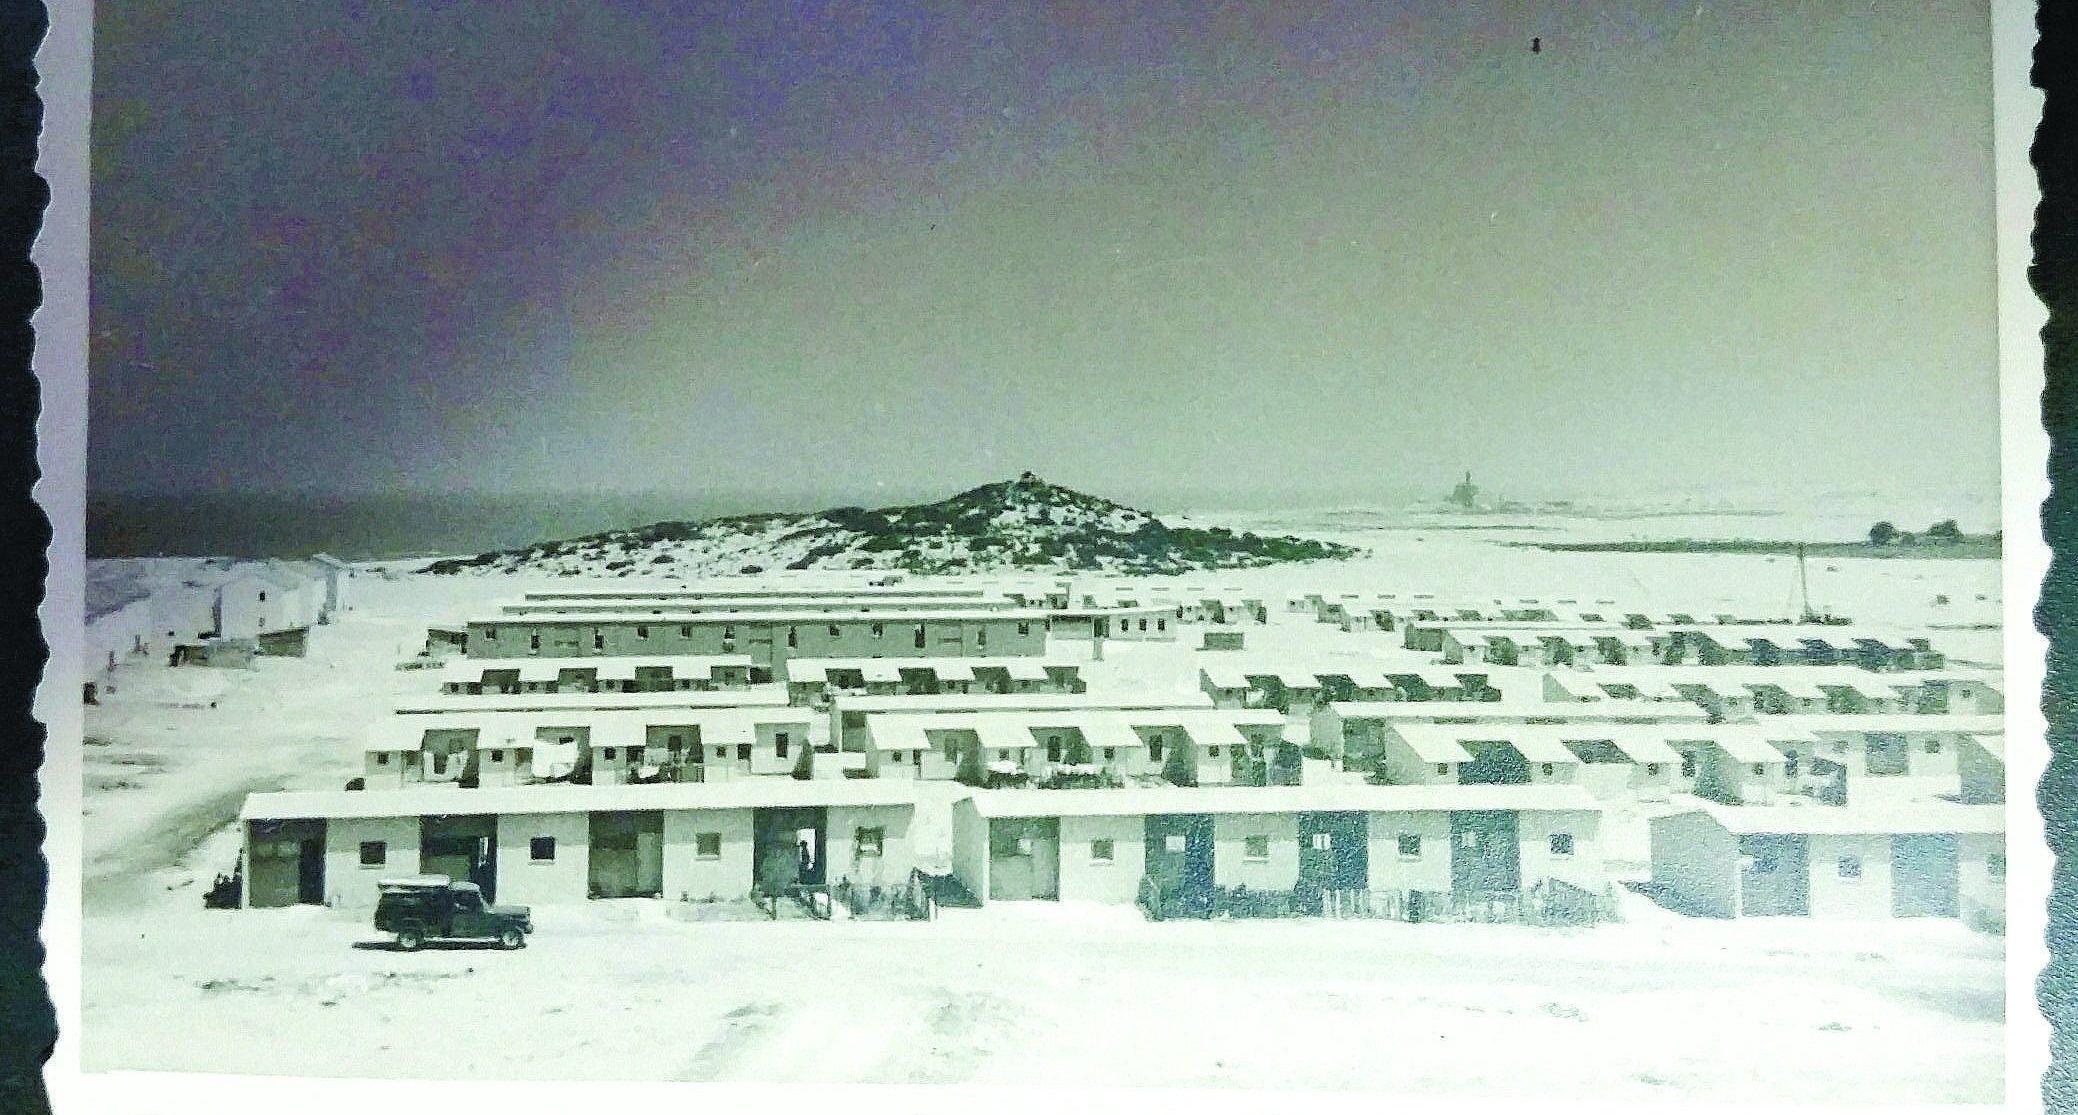 """בתי ה""""קליפורניות"""" באזור א' וברקע גבעת יונה. כנראה שנות ה-50 המאוחרות. מהאוסף הפרטי של שאול בן שמחון"""